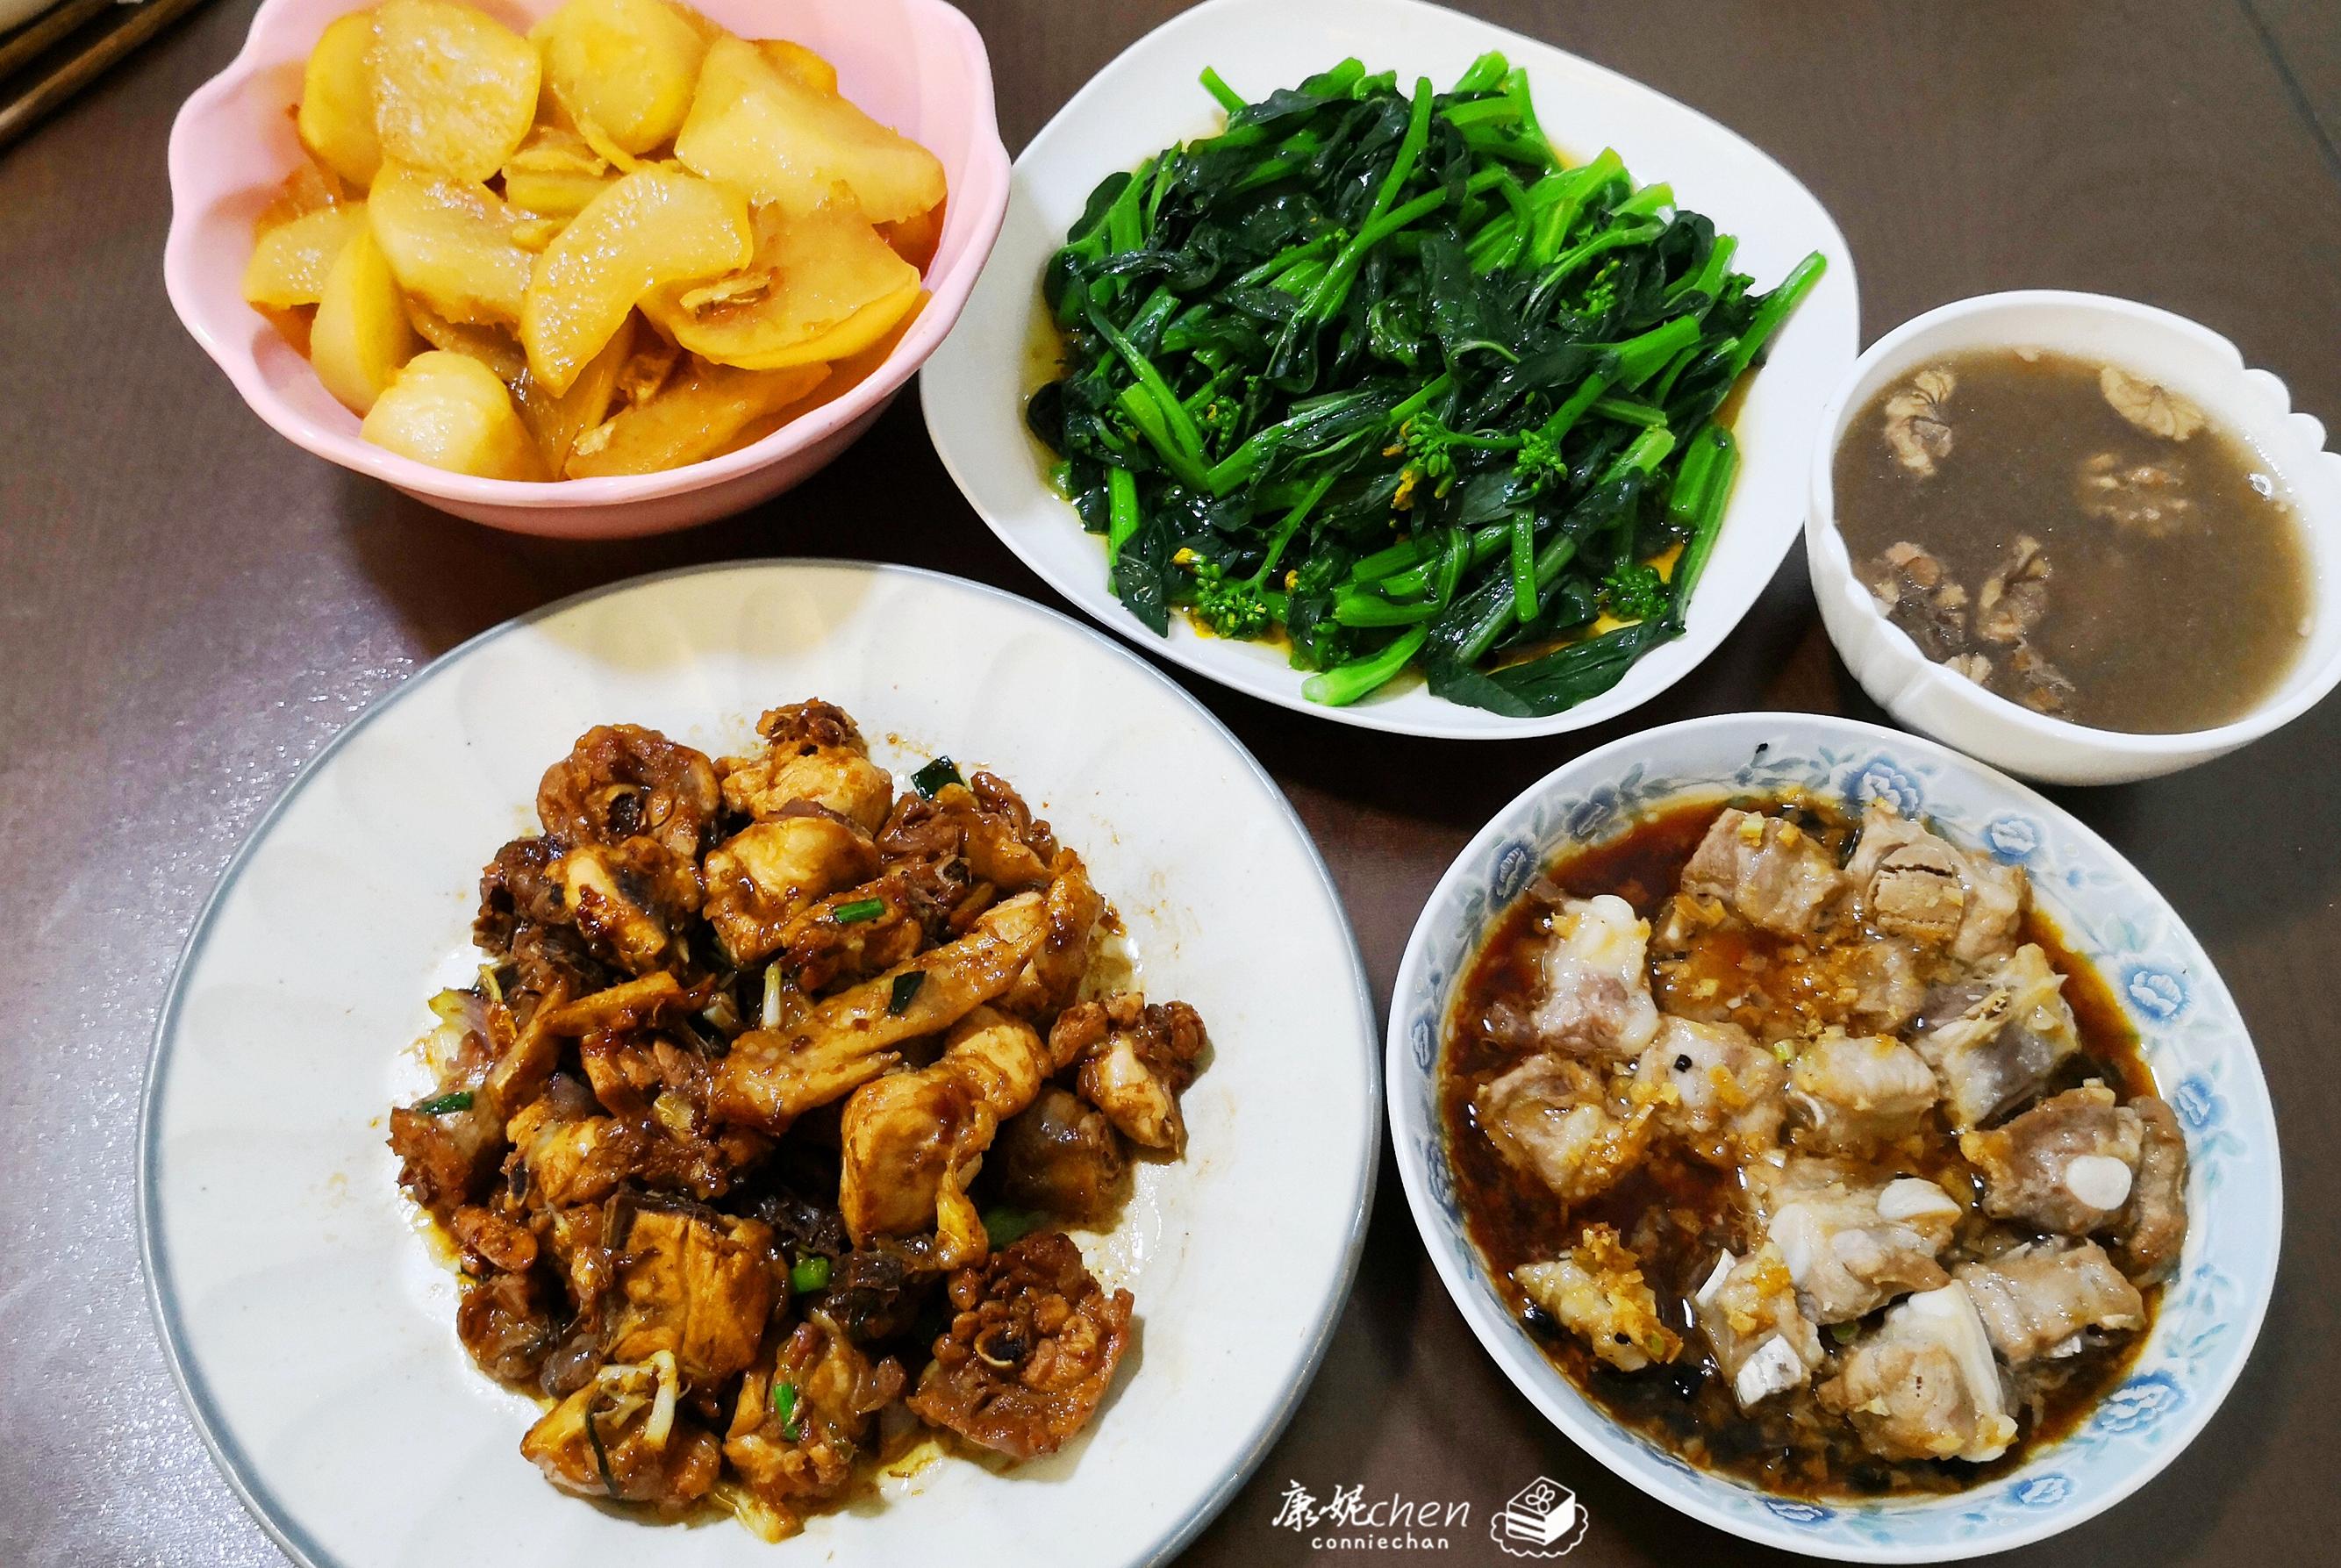 我做的晚餐,4菜1汤,简单的家常菜,家人都说味道比餐厅不差